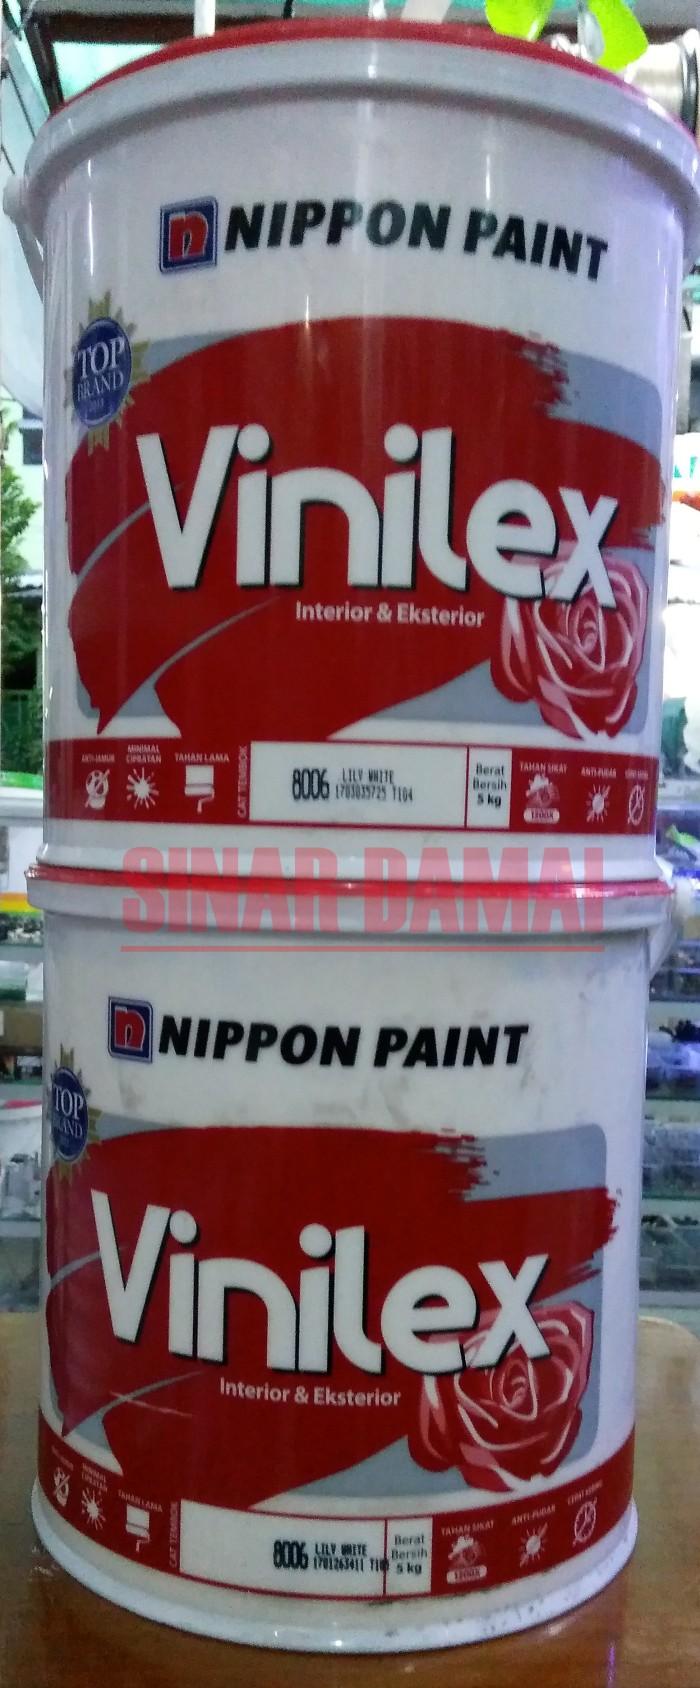 harga Cat tembok vinilex 5 kg no 8006 warna lily white Tokopedia.com